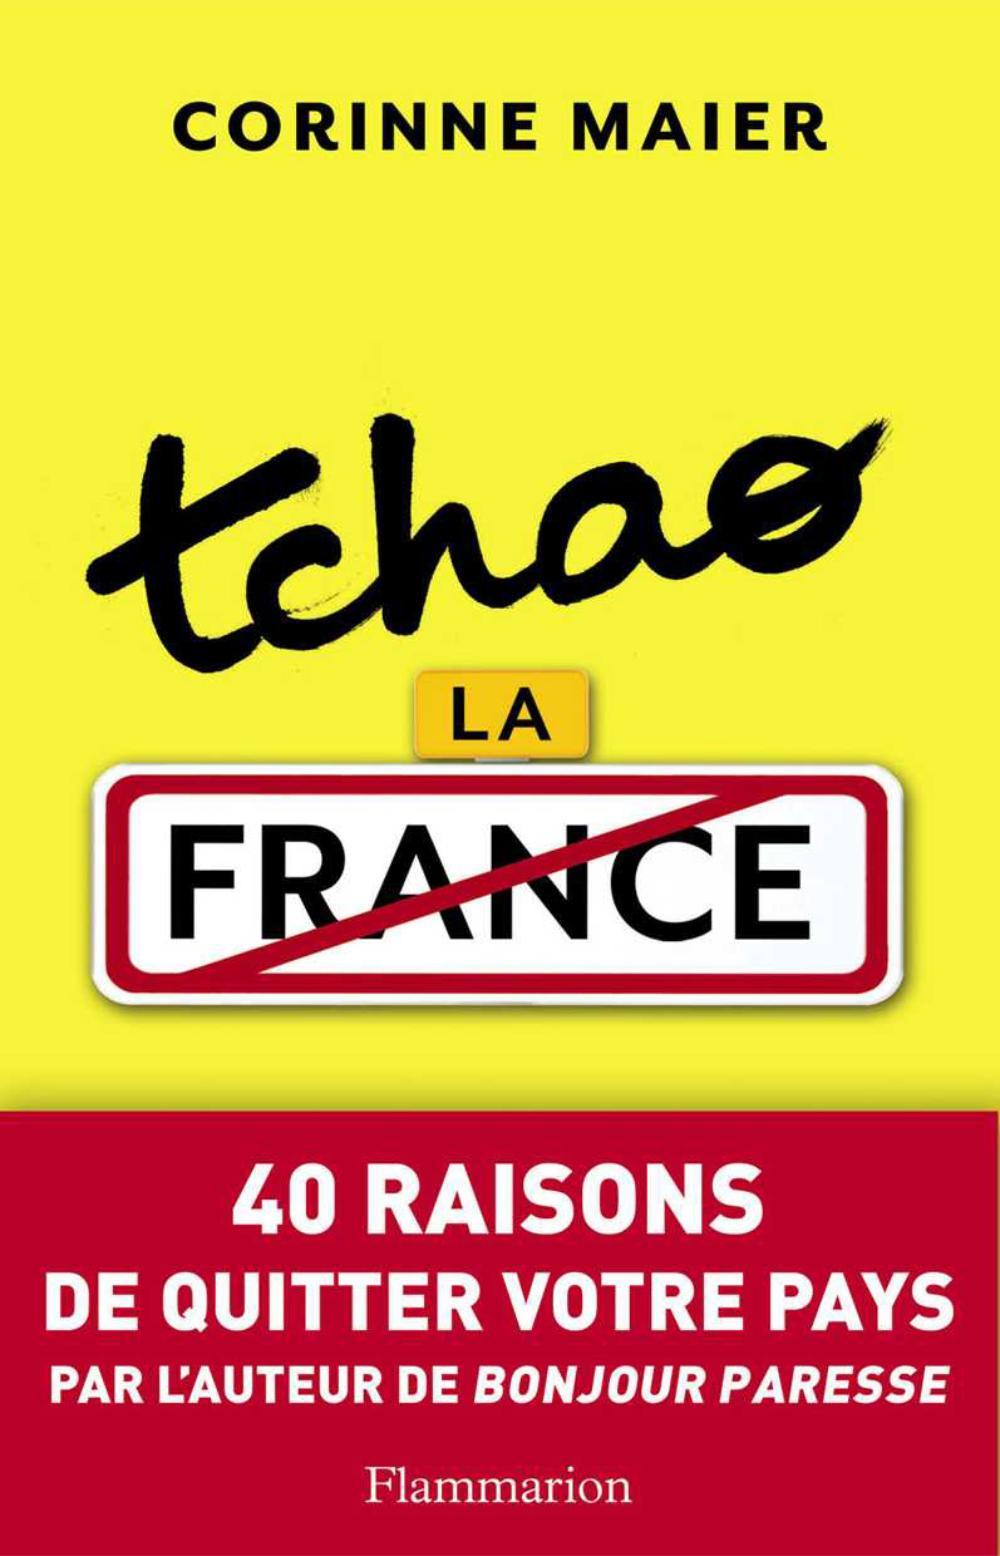 Tchao la France, 40 raisons de quitter votre pays